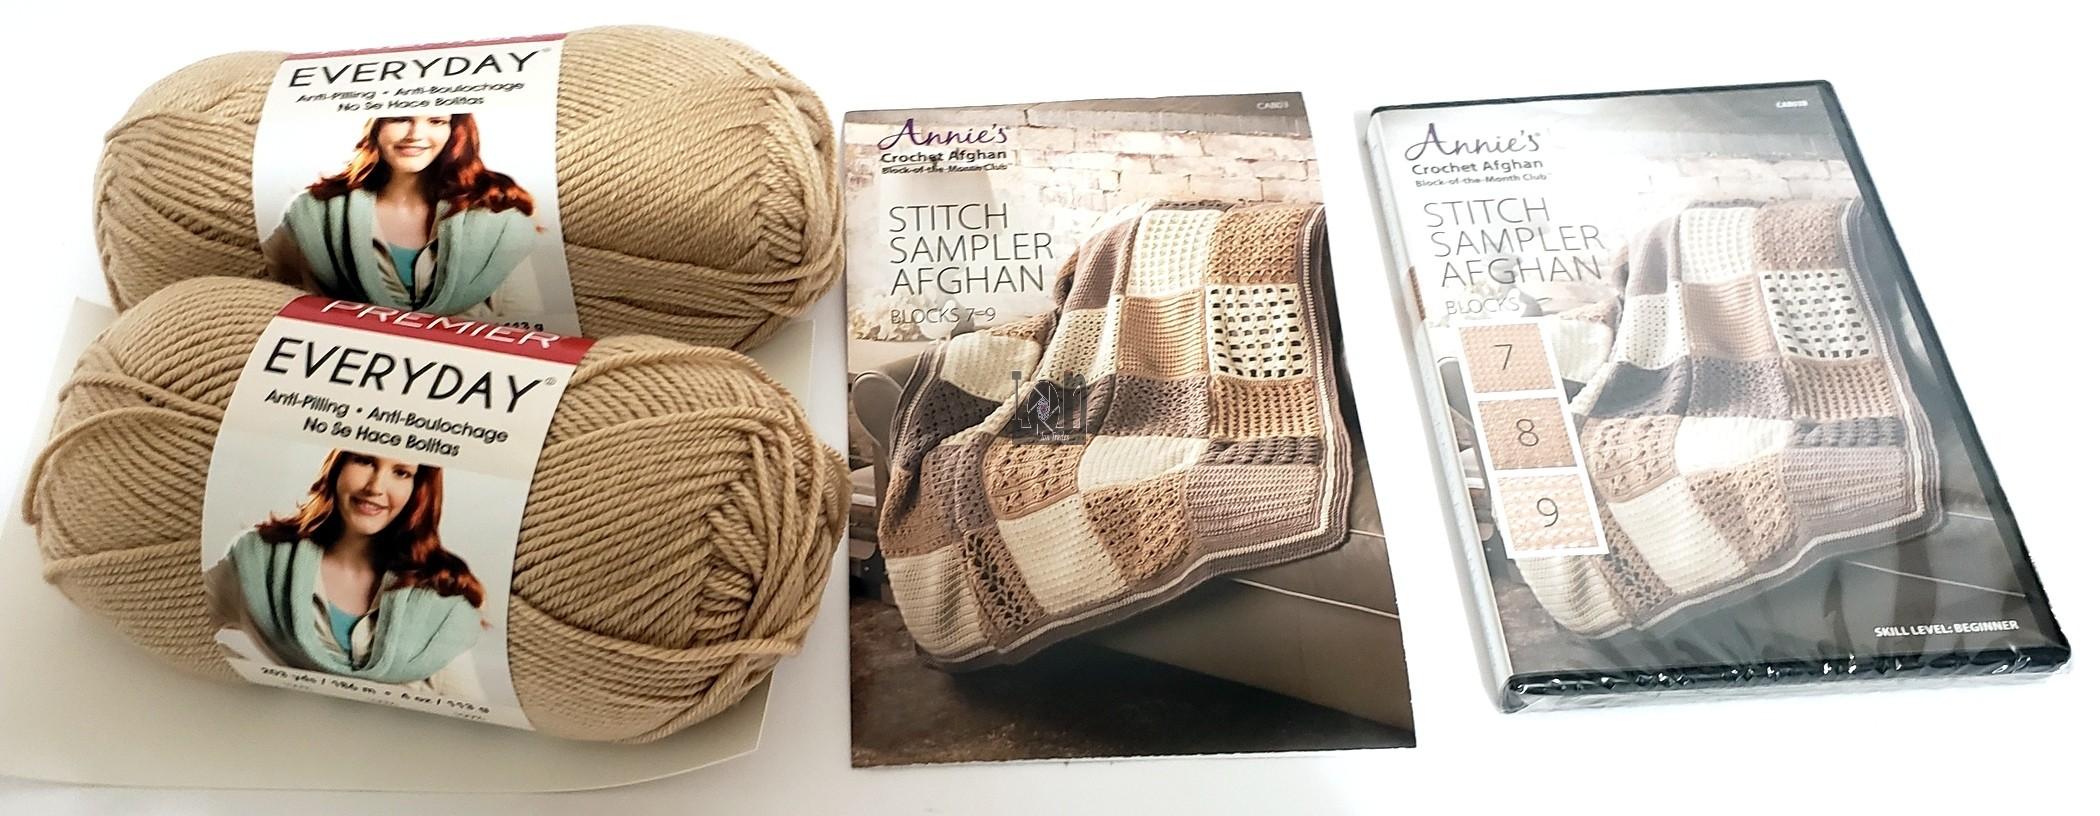 New Annies Crochet Afghan Pattern Kit Blocks 7 -9 DVD Kit